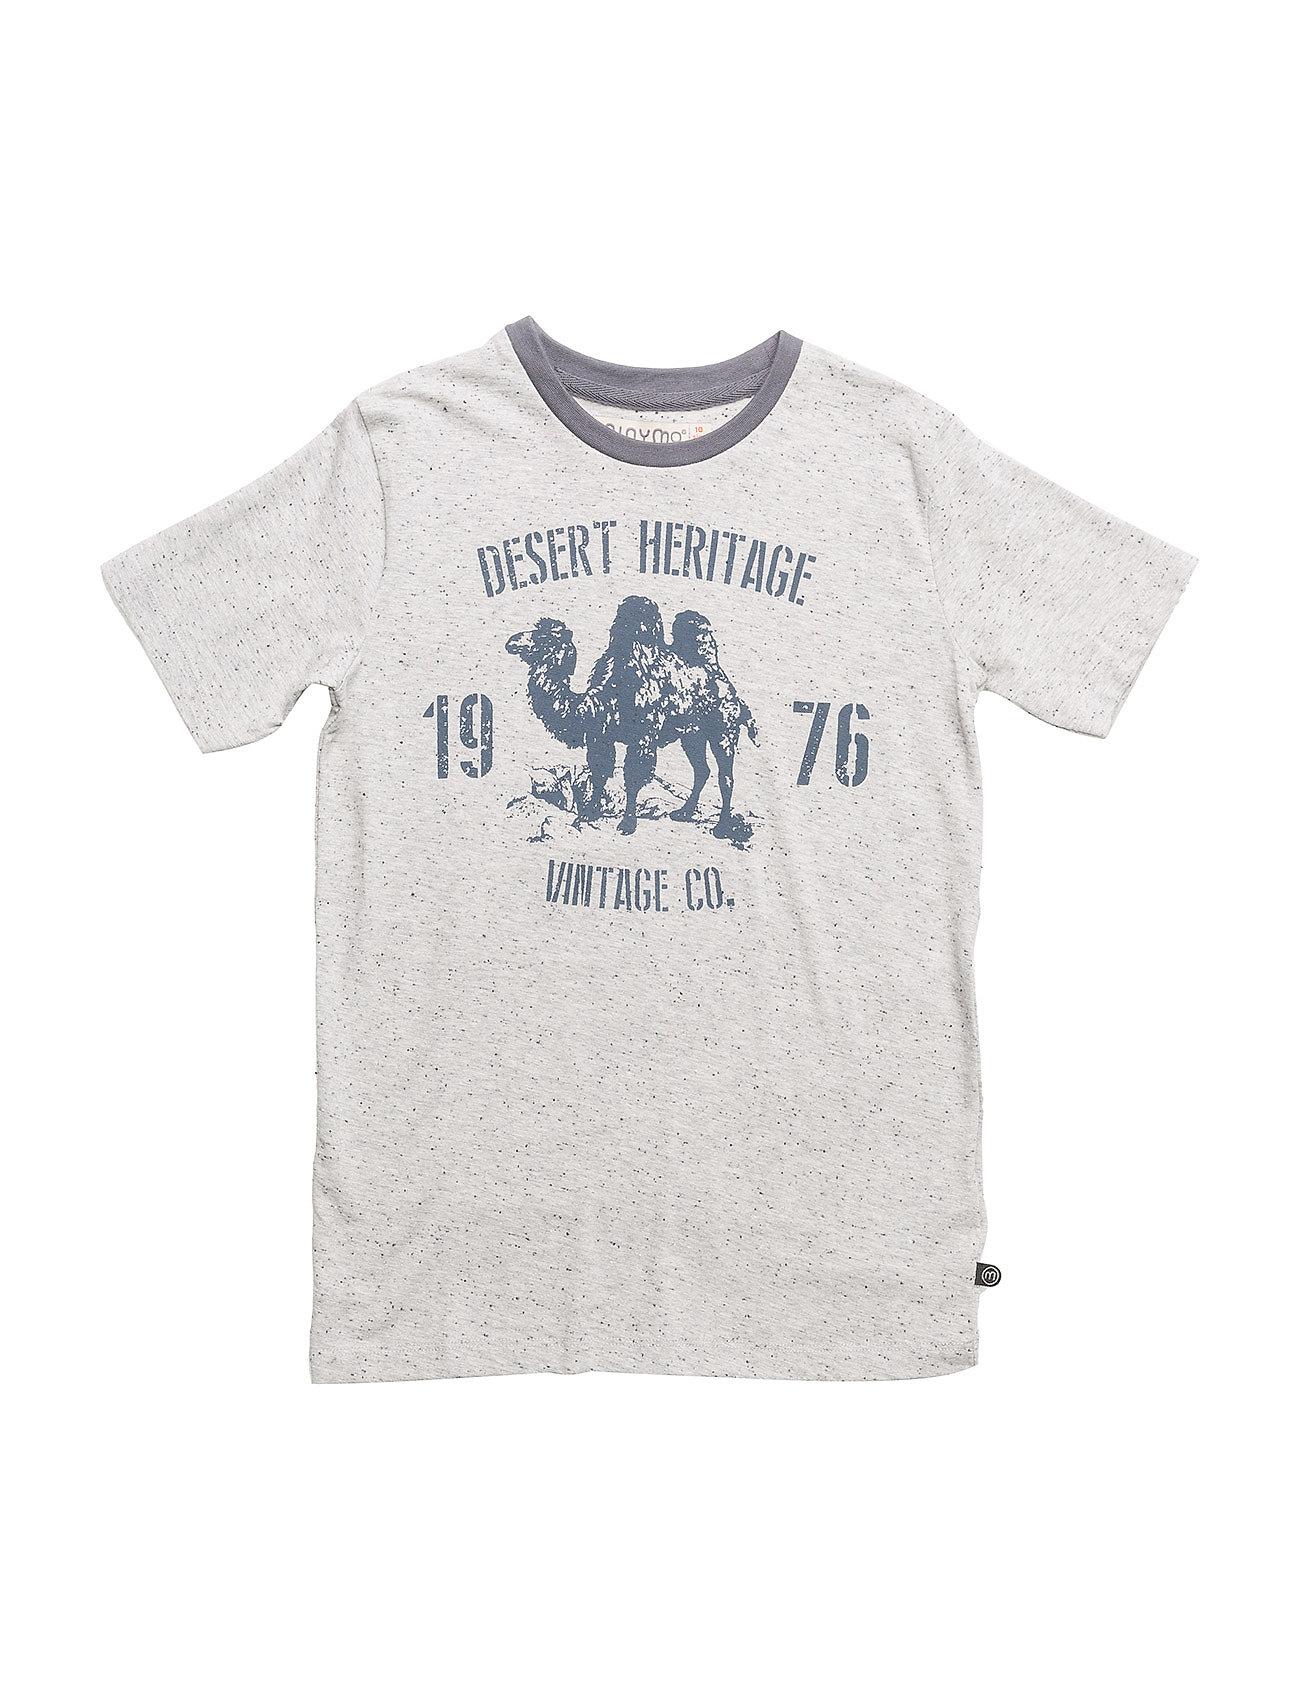 Poul 91 - T-Shirt Ss W. Print - Minymo